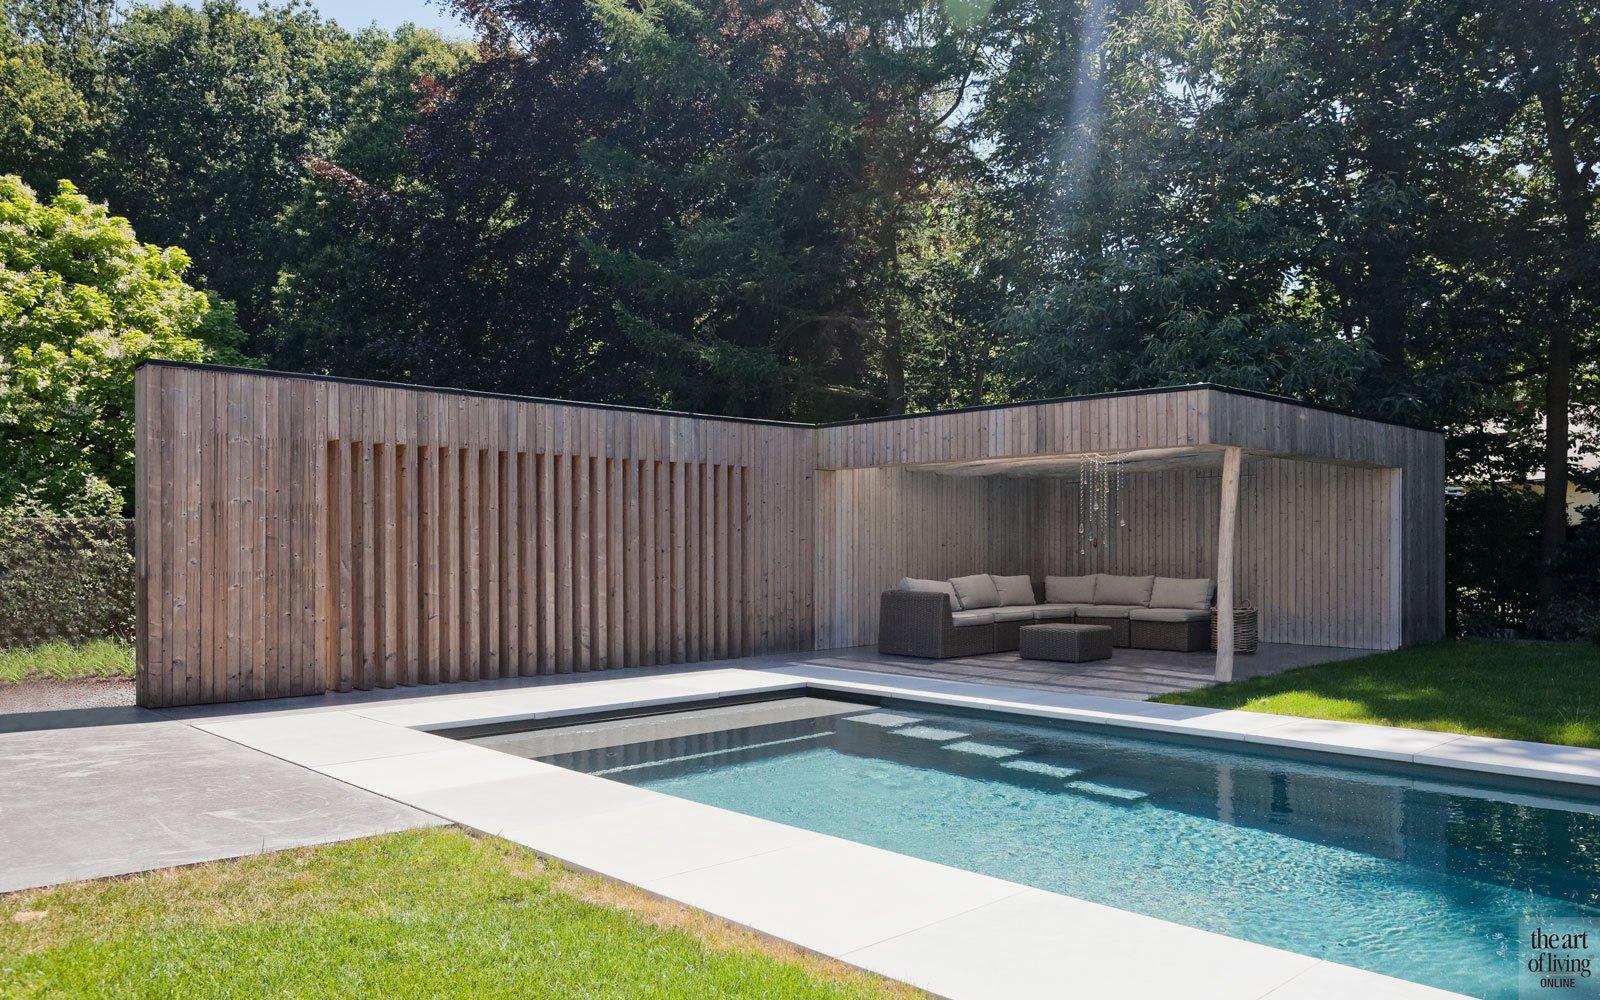 Traditionele woning, Arjaan de Feyter, the art of living, zwembad, zwembaden, buitenzwembad, swimming pool, pool, exclusief